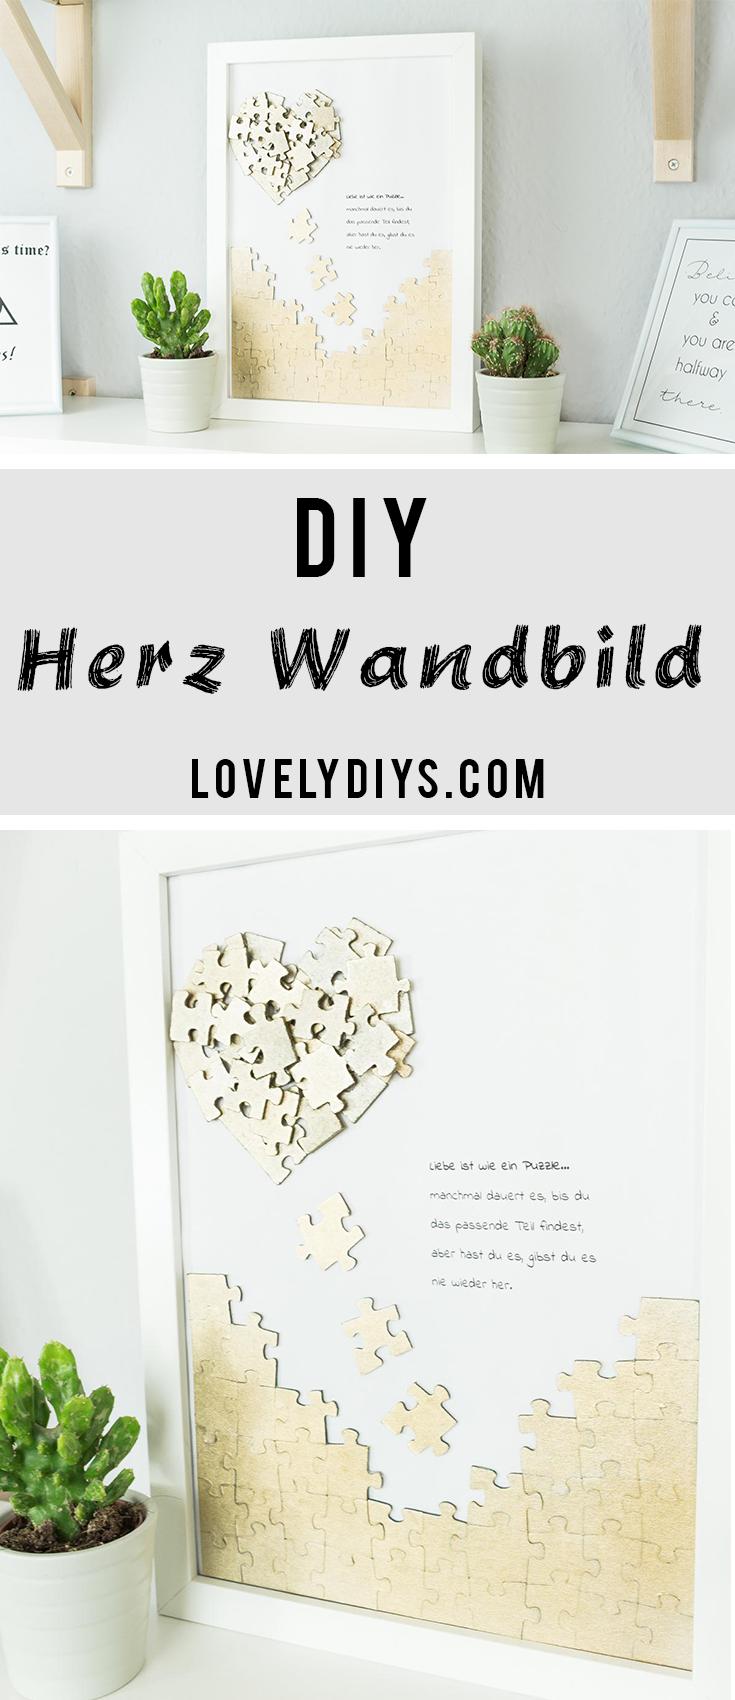 Puzzle Herz Wandbild basteln - schöne DIY Geschenkidee